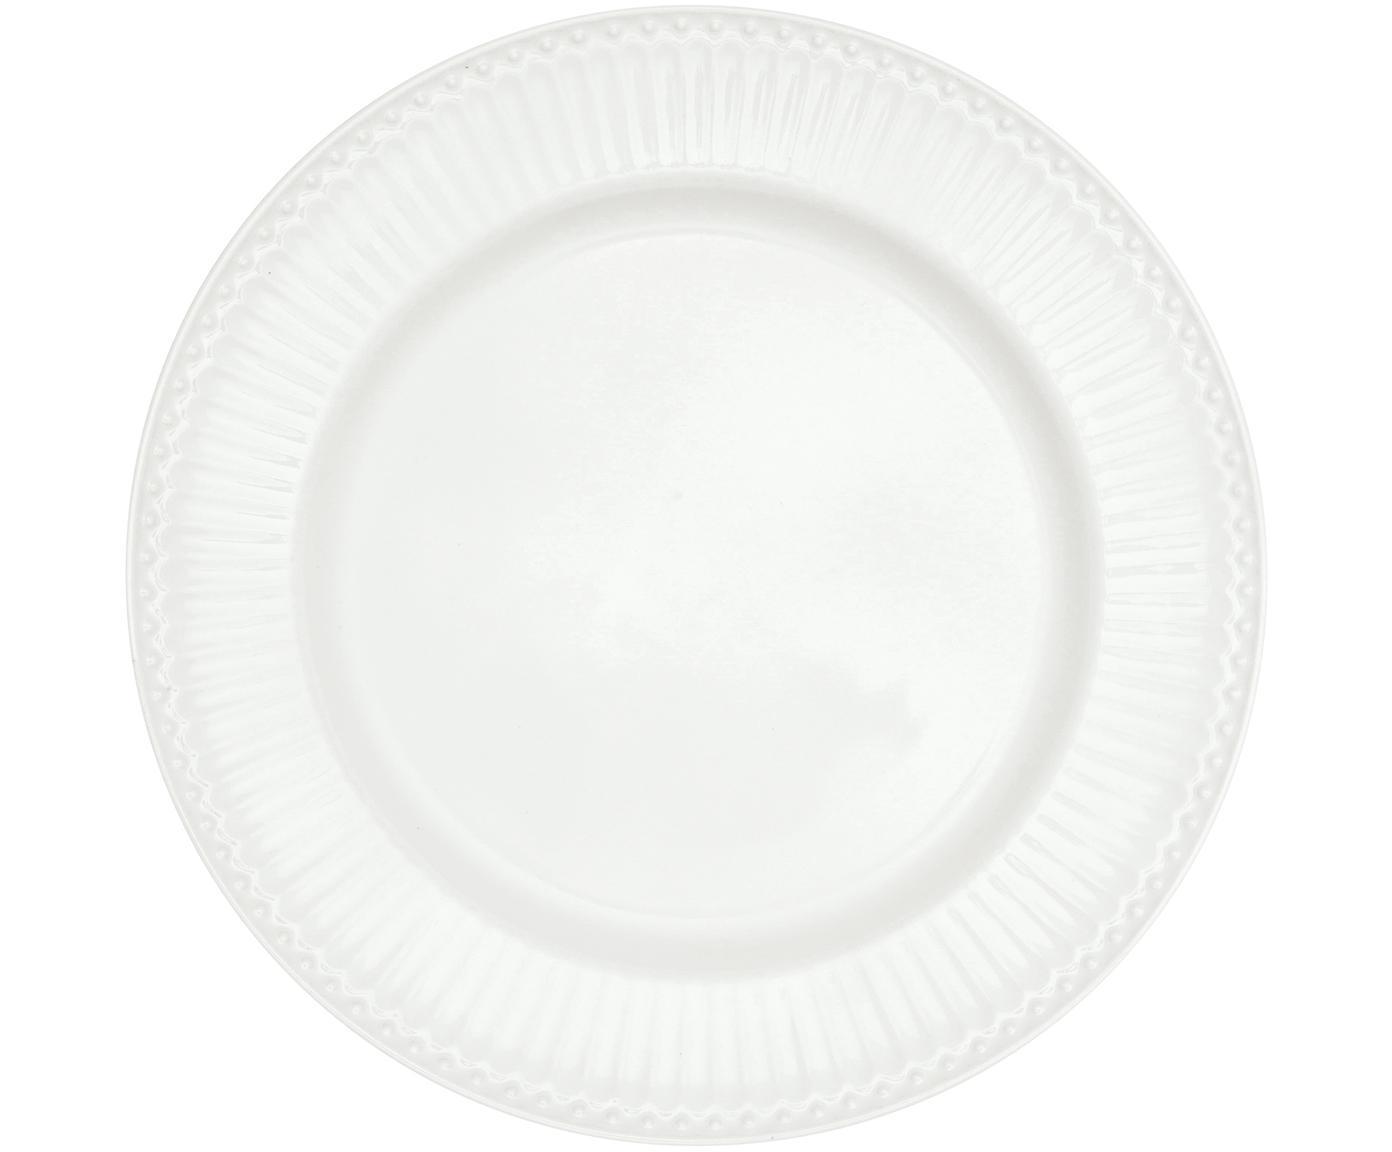 Platos llanos Alice, 2uds., Porcelana, Blanco, Ø 27 cm